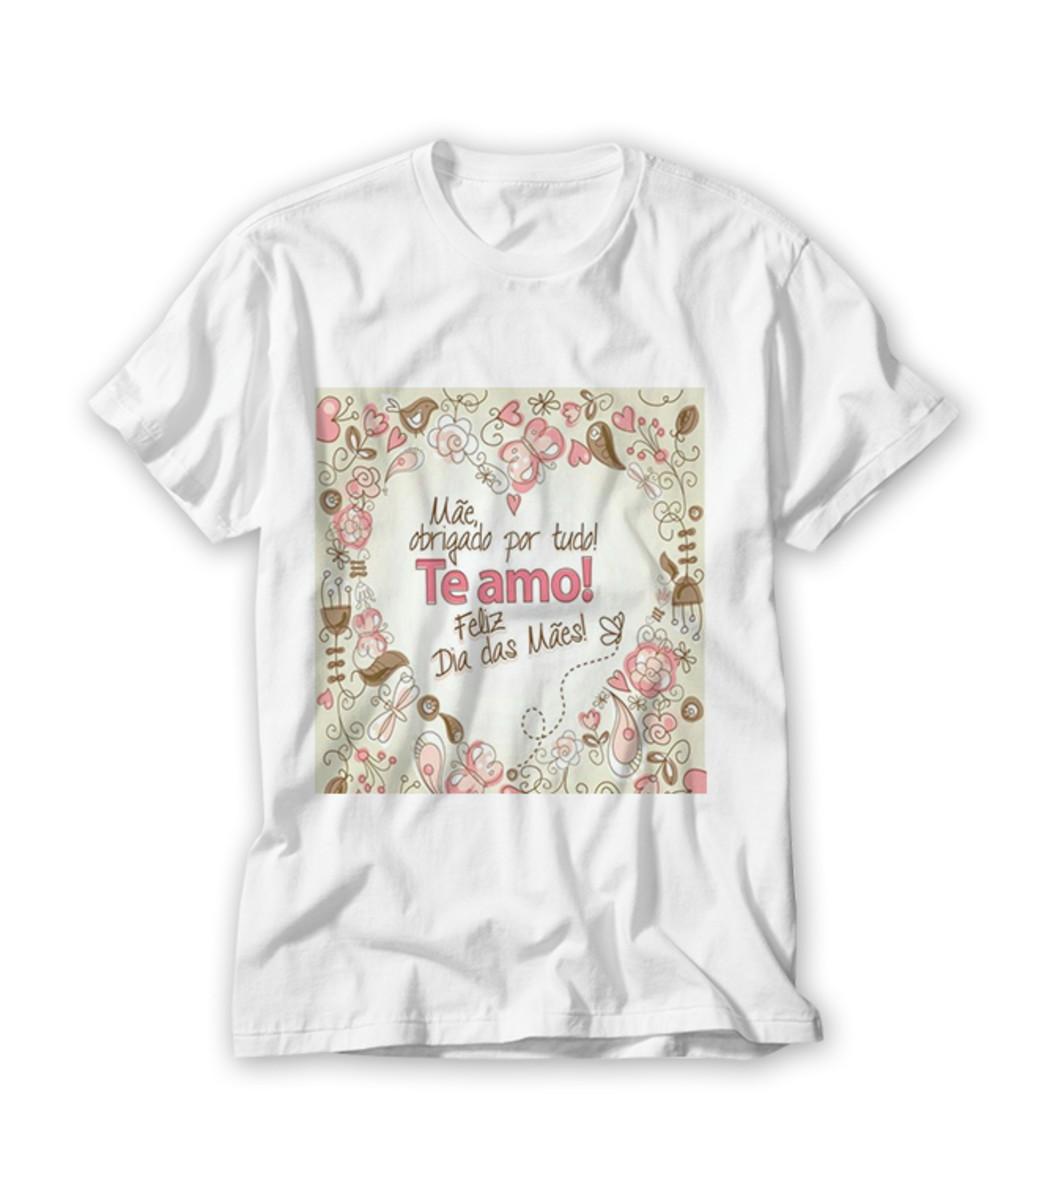 Camiseta Mãe Obrigado Por Tudo